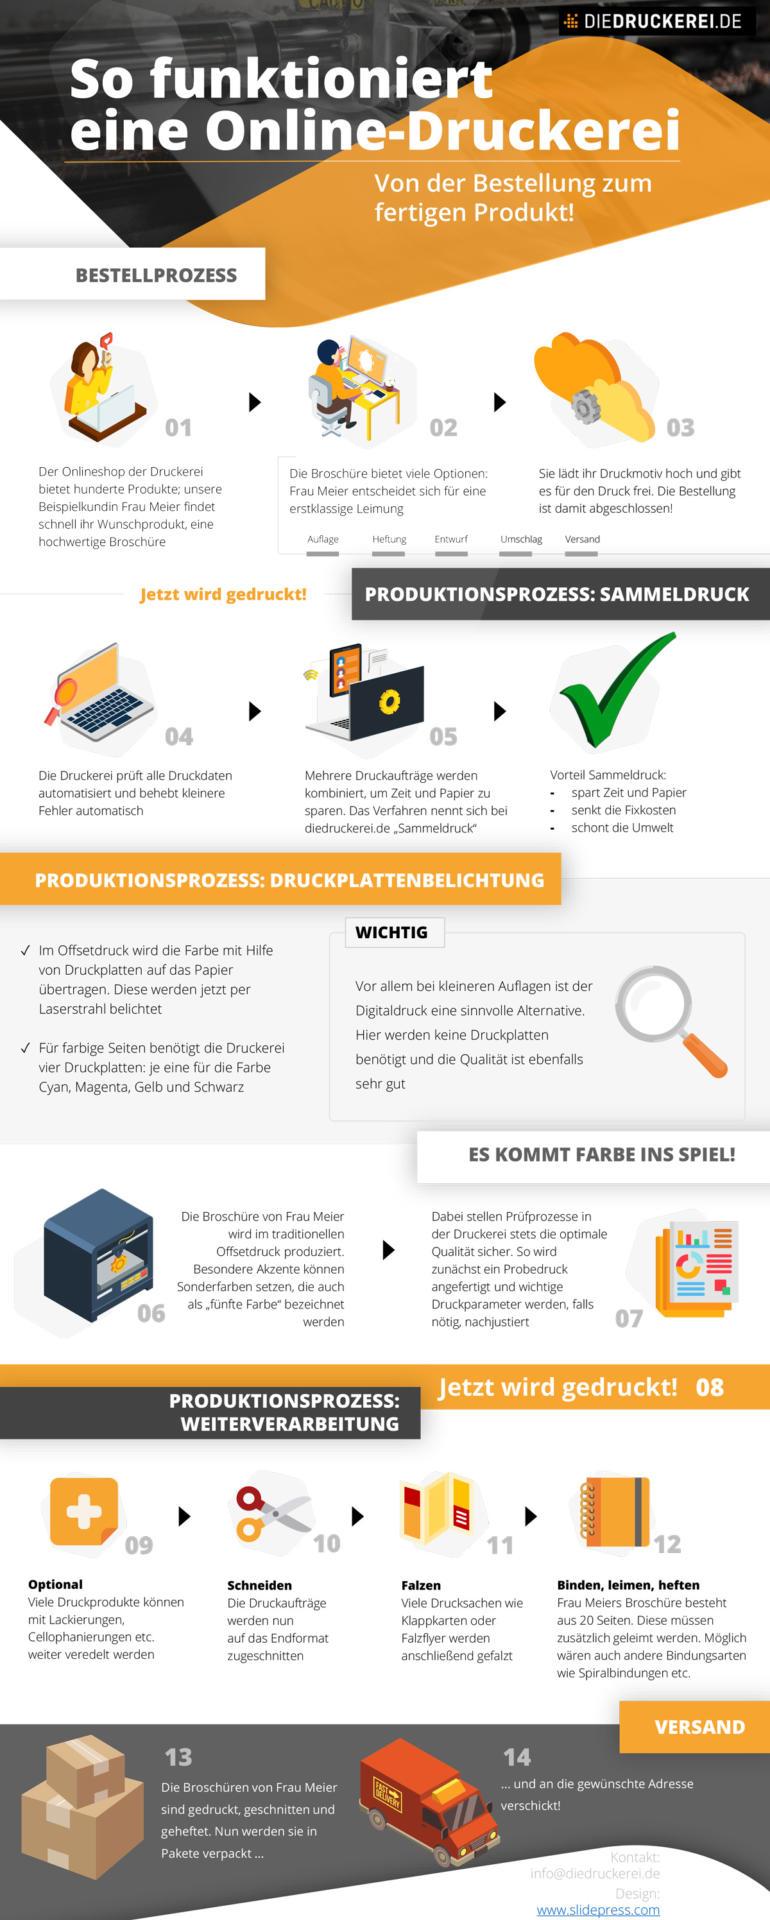 So funktioniert eine Online-Druckerei (Infografik)